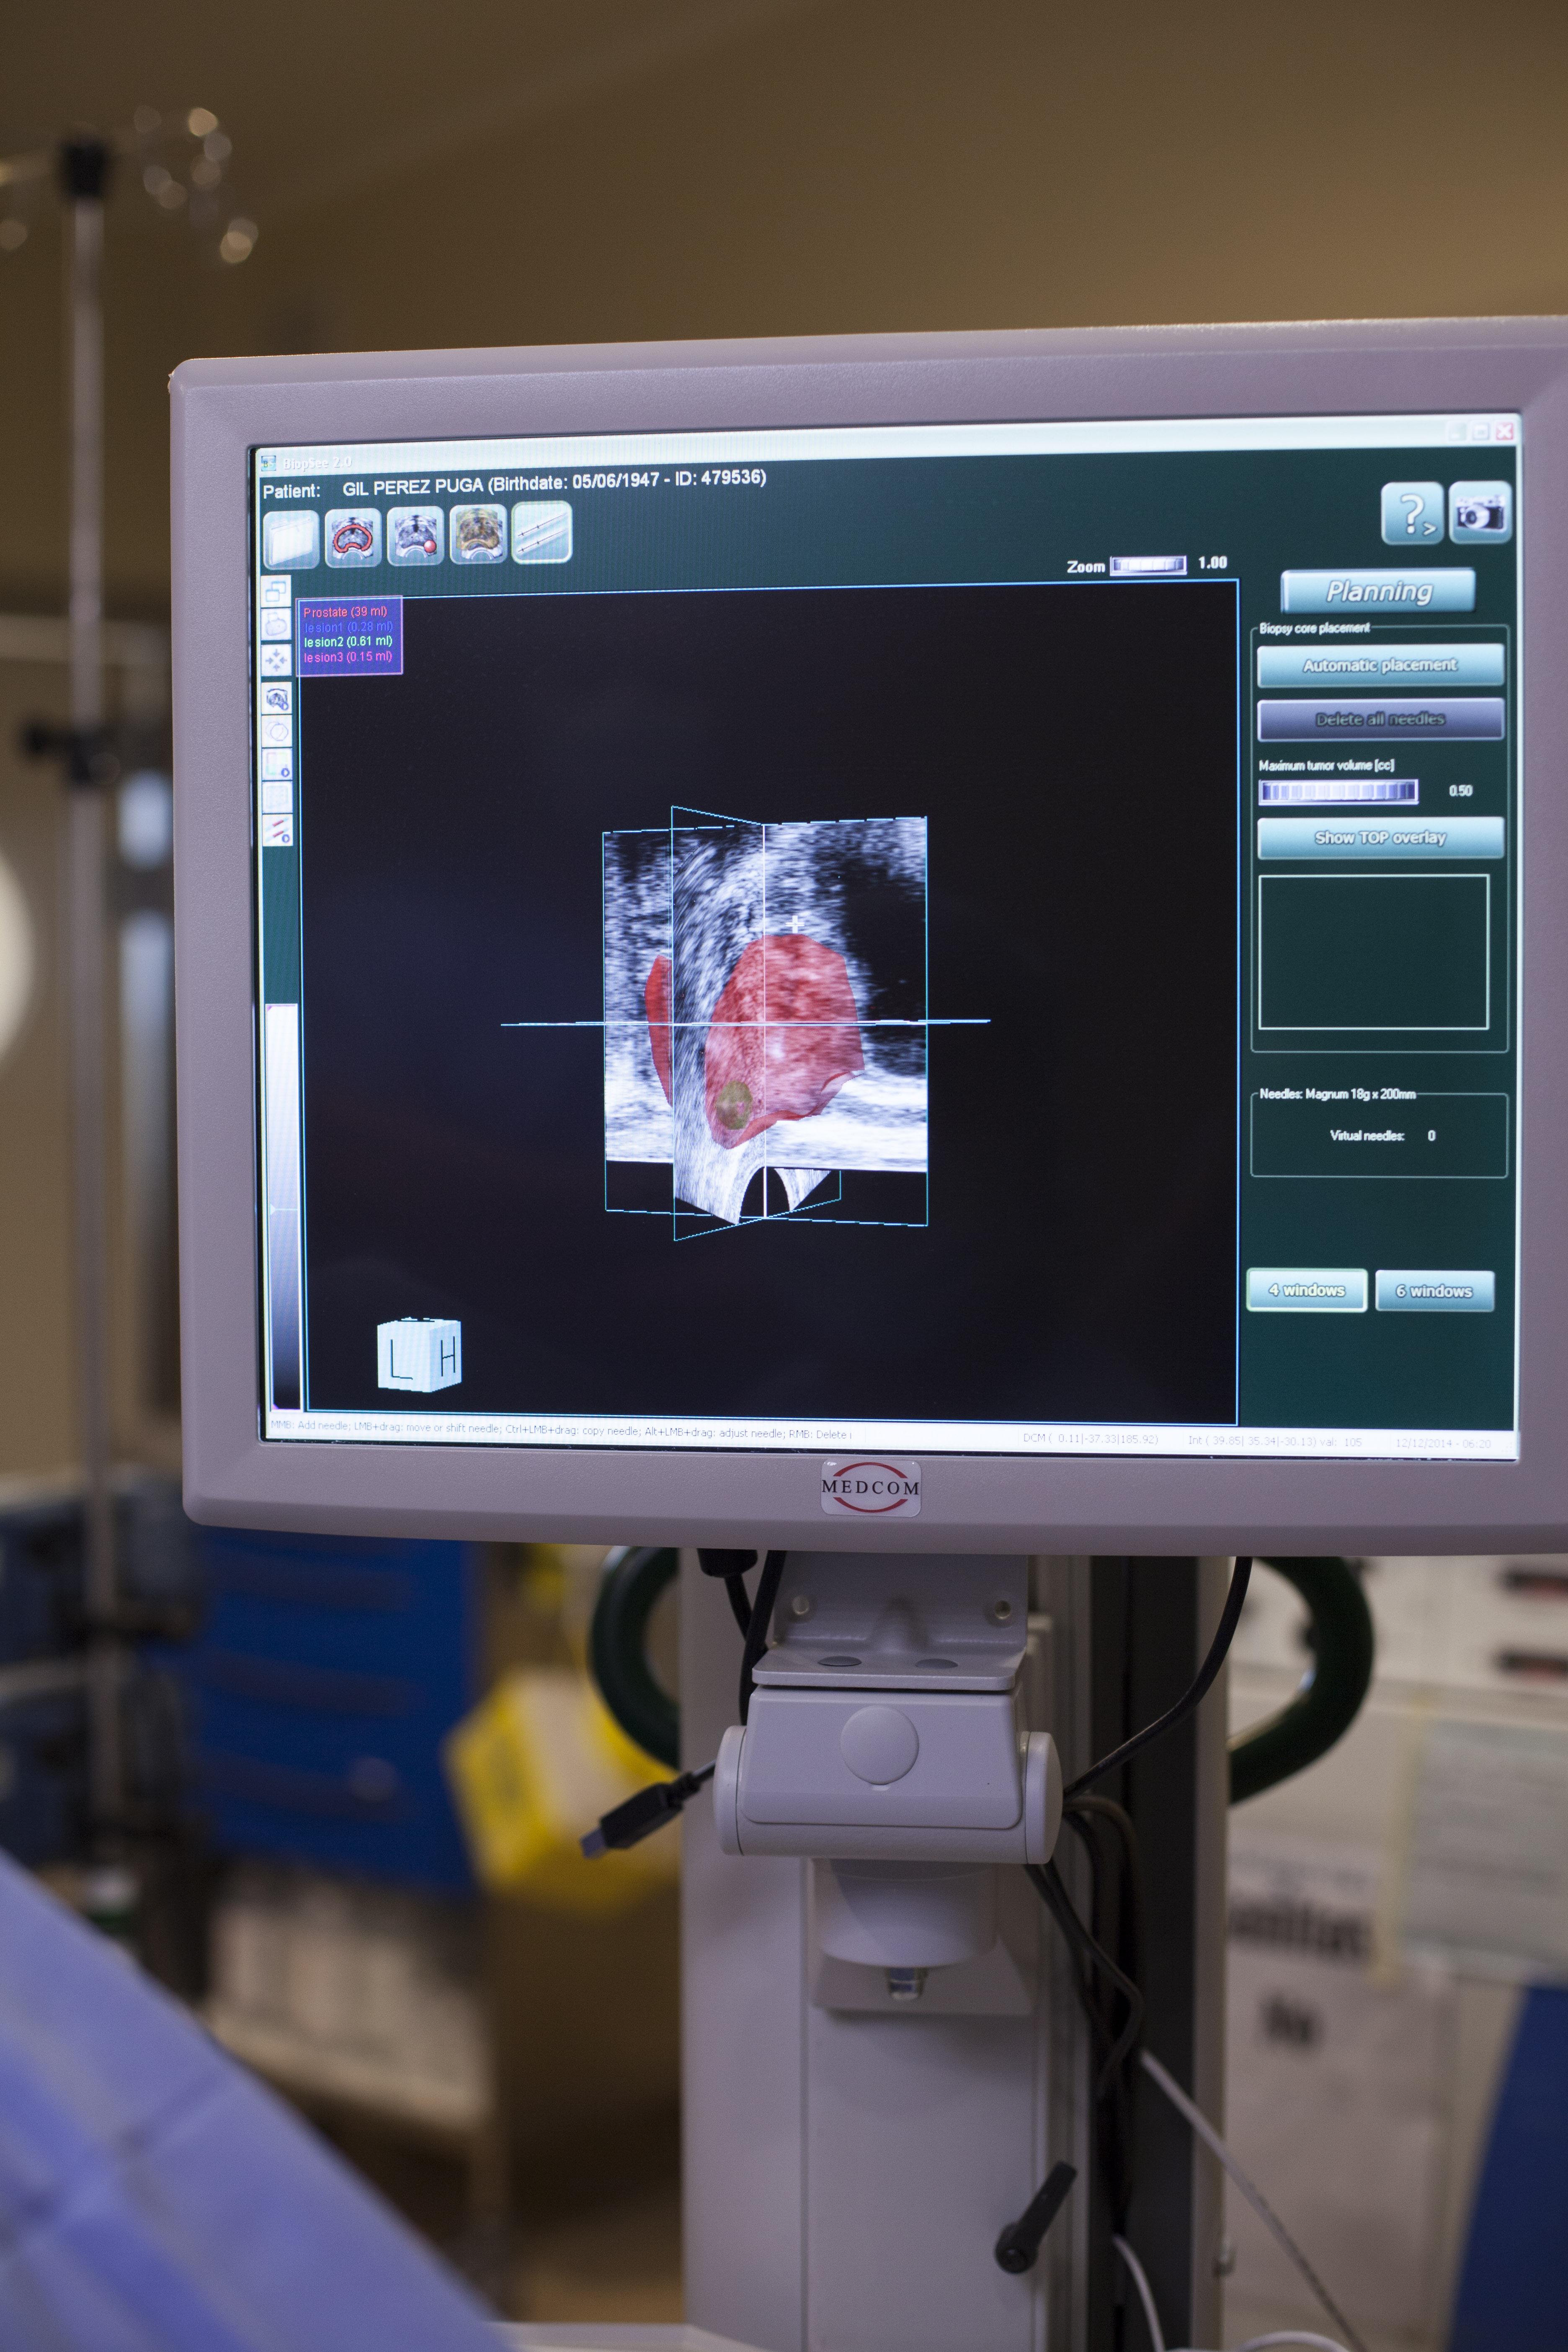 Tratamiento con láser para el cáncer de próstata en Australia